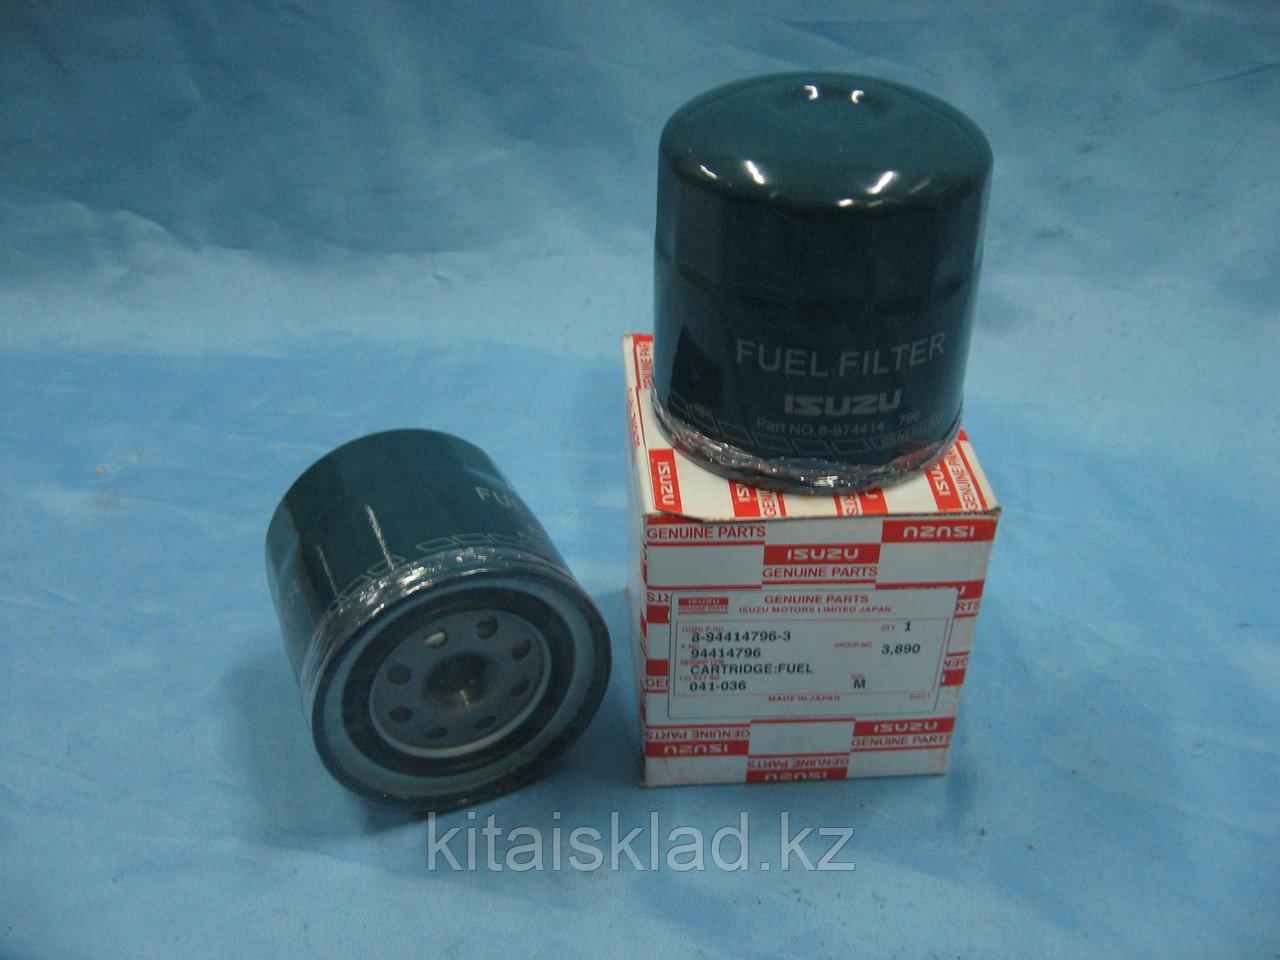 Фильтр топливный ISUZU 8-94414796-3